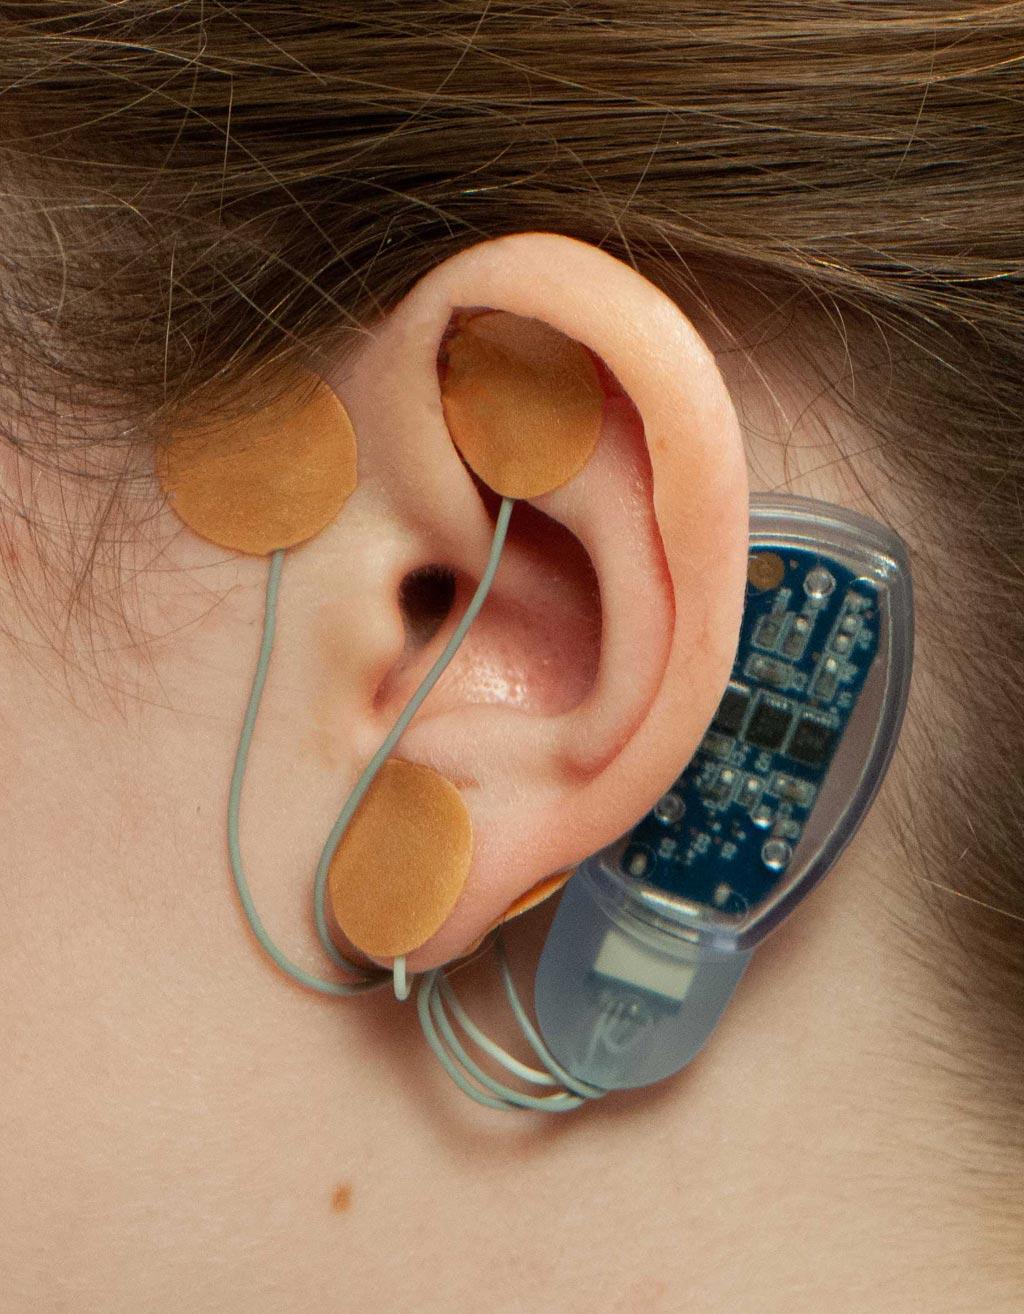 Новое чрескожное устройство предназначено для стимуляции черепных нервов с целью смягчения болевых ощущений при СРК (фото любезно предоставлено IHS).